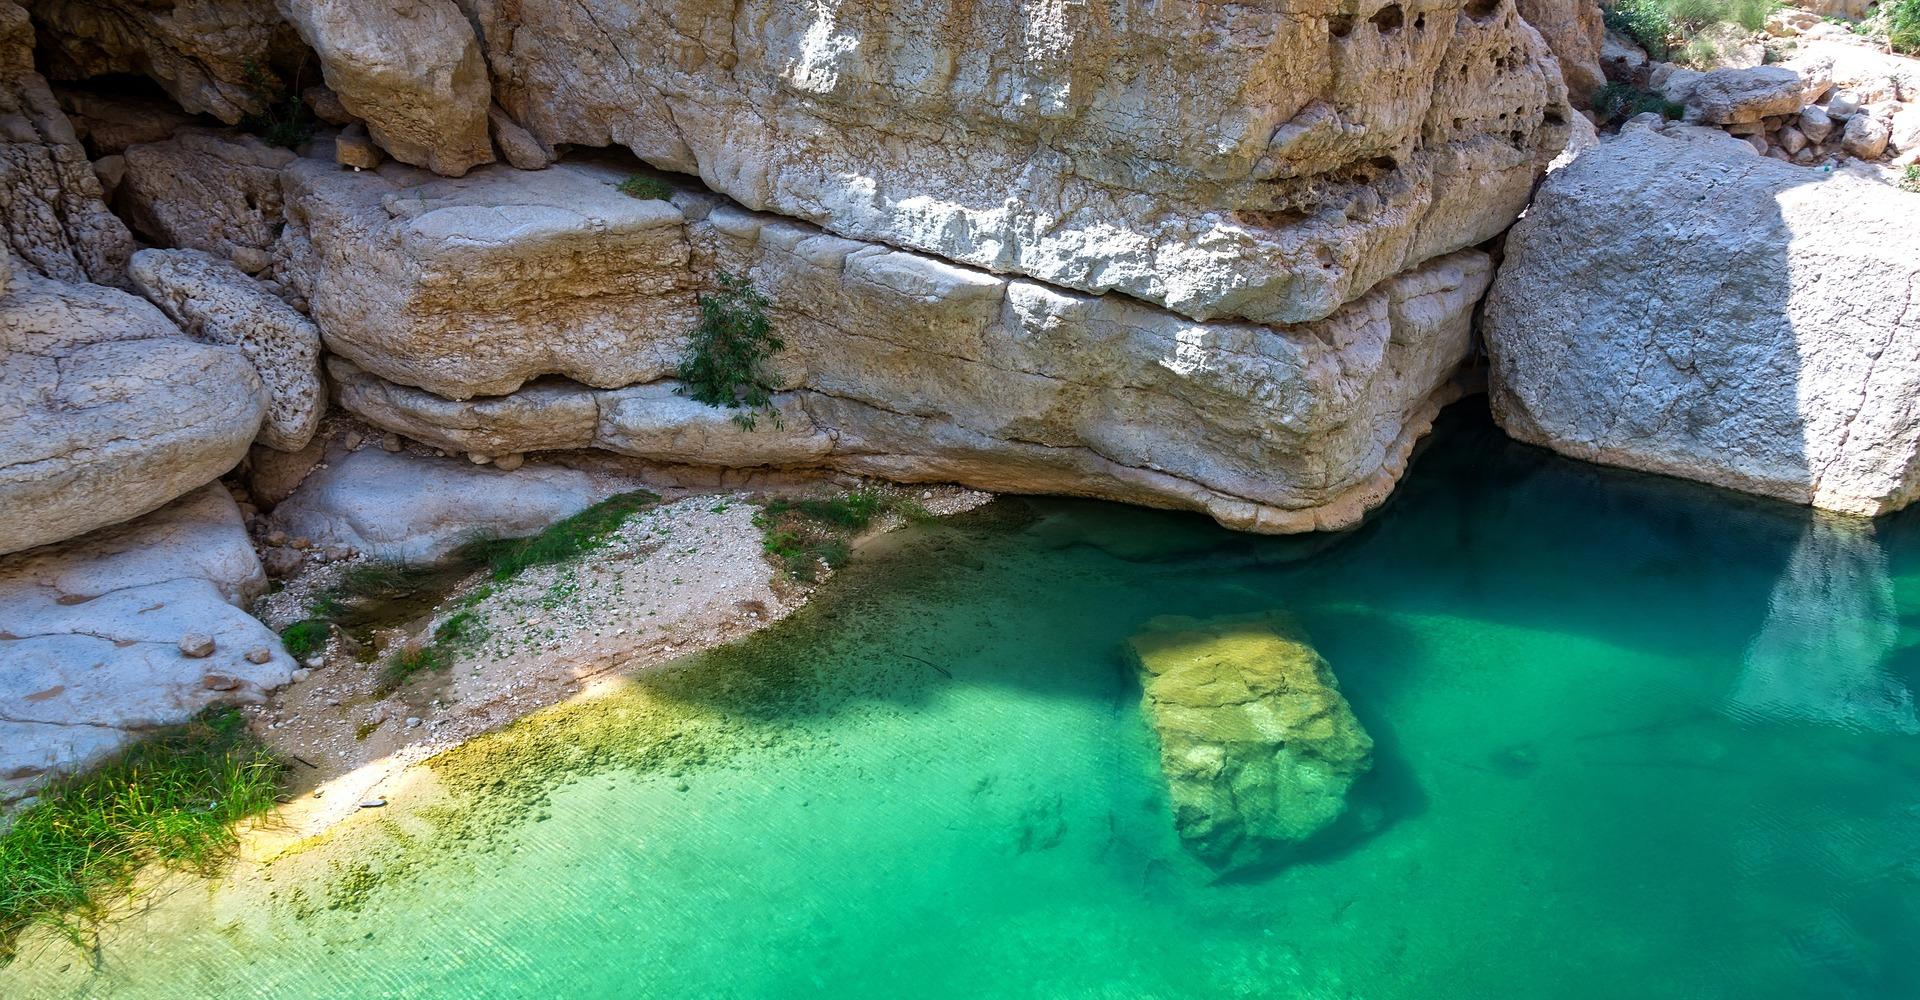 Smaragdgroen water in Wadi Shab, Oman